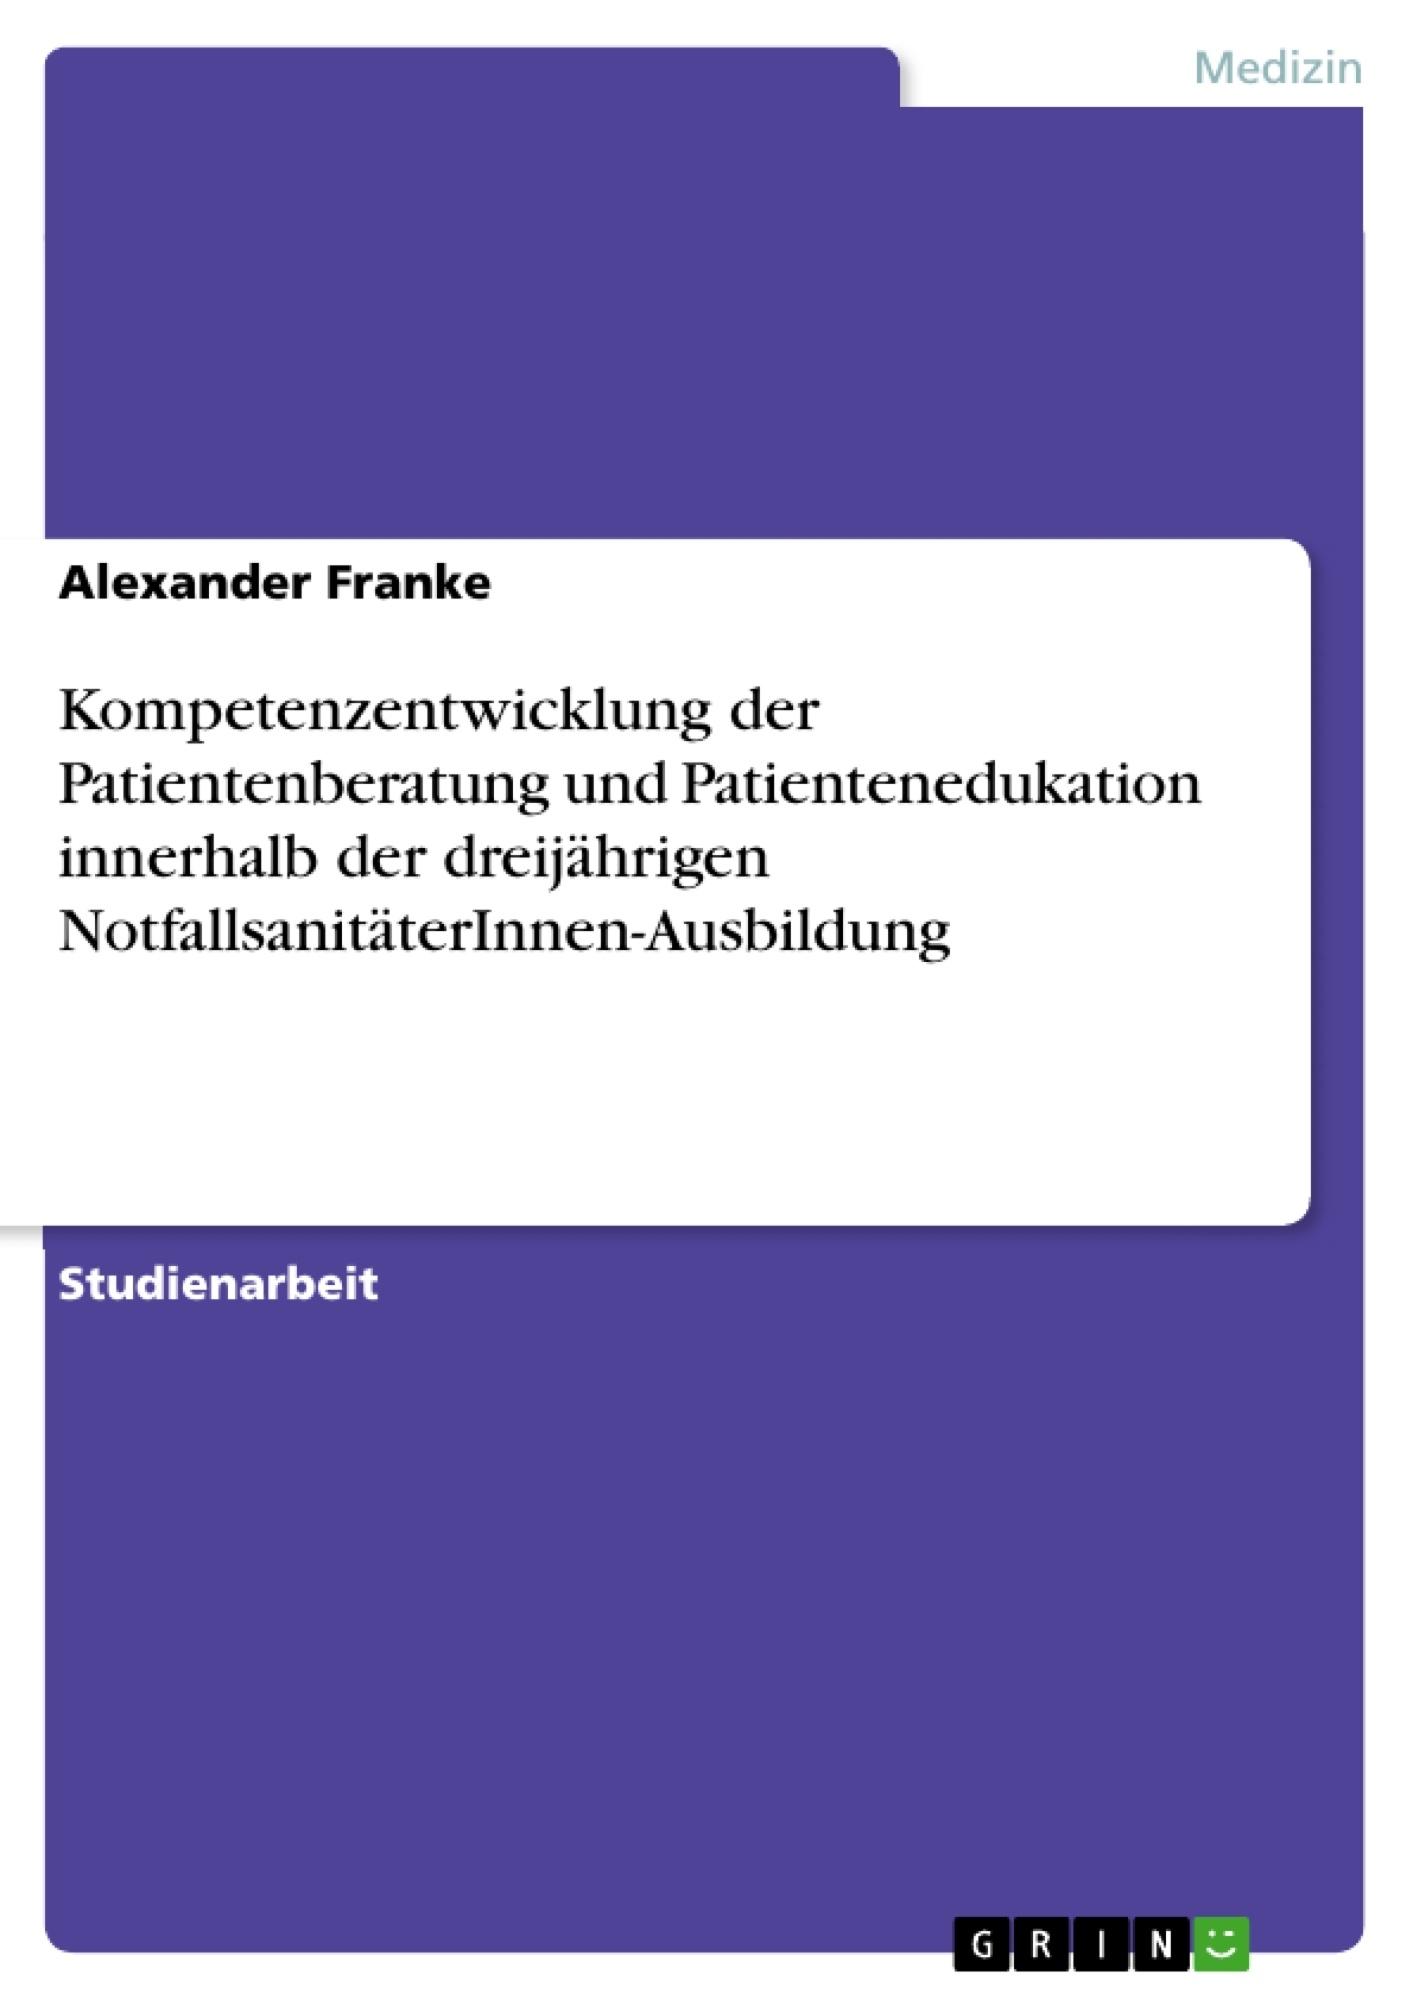 Titel: Kompetenzentwicklung der Patientenberatung und Patientenedukation innerhalb der dreijährigen NotfallsanitäterInnen-Ausbildung